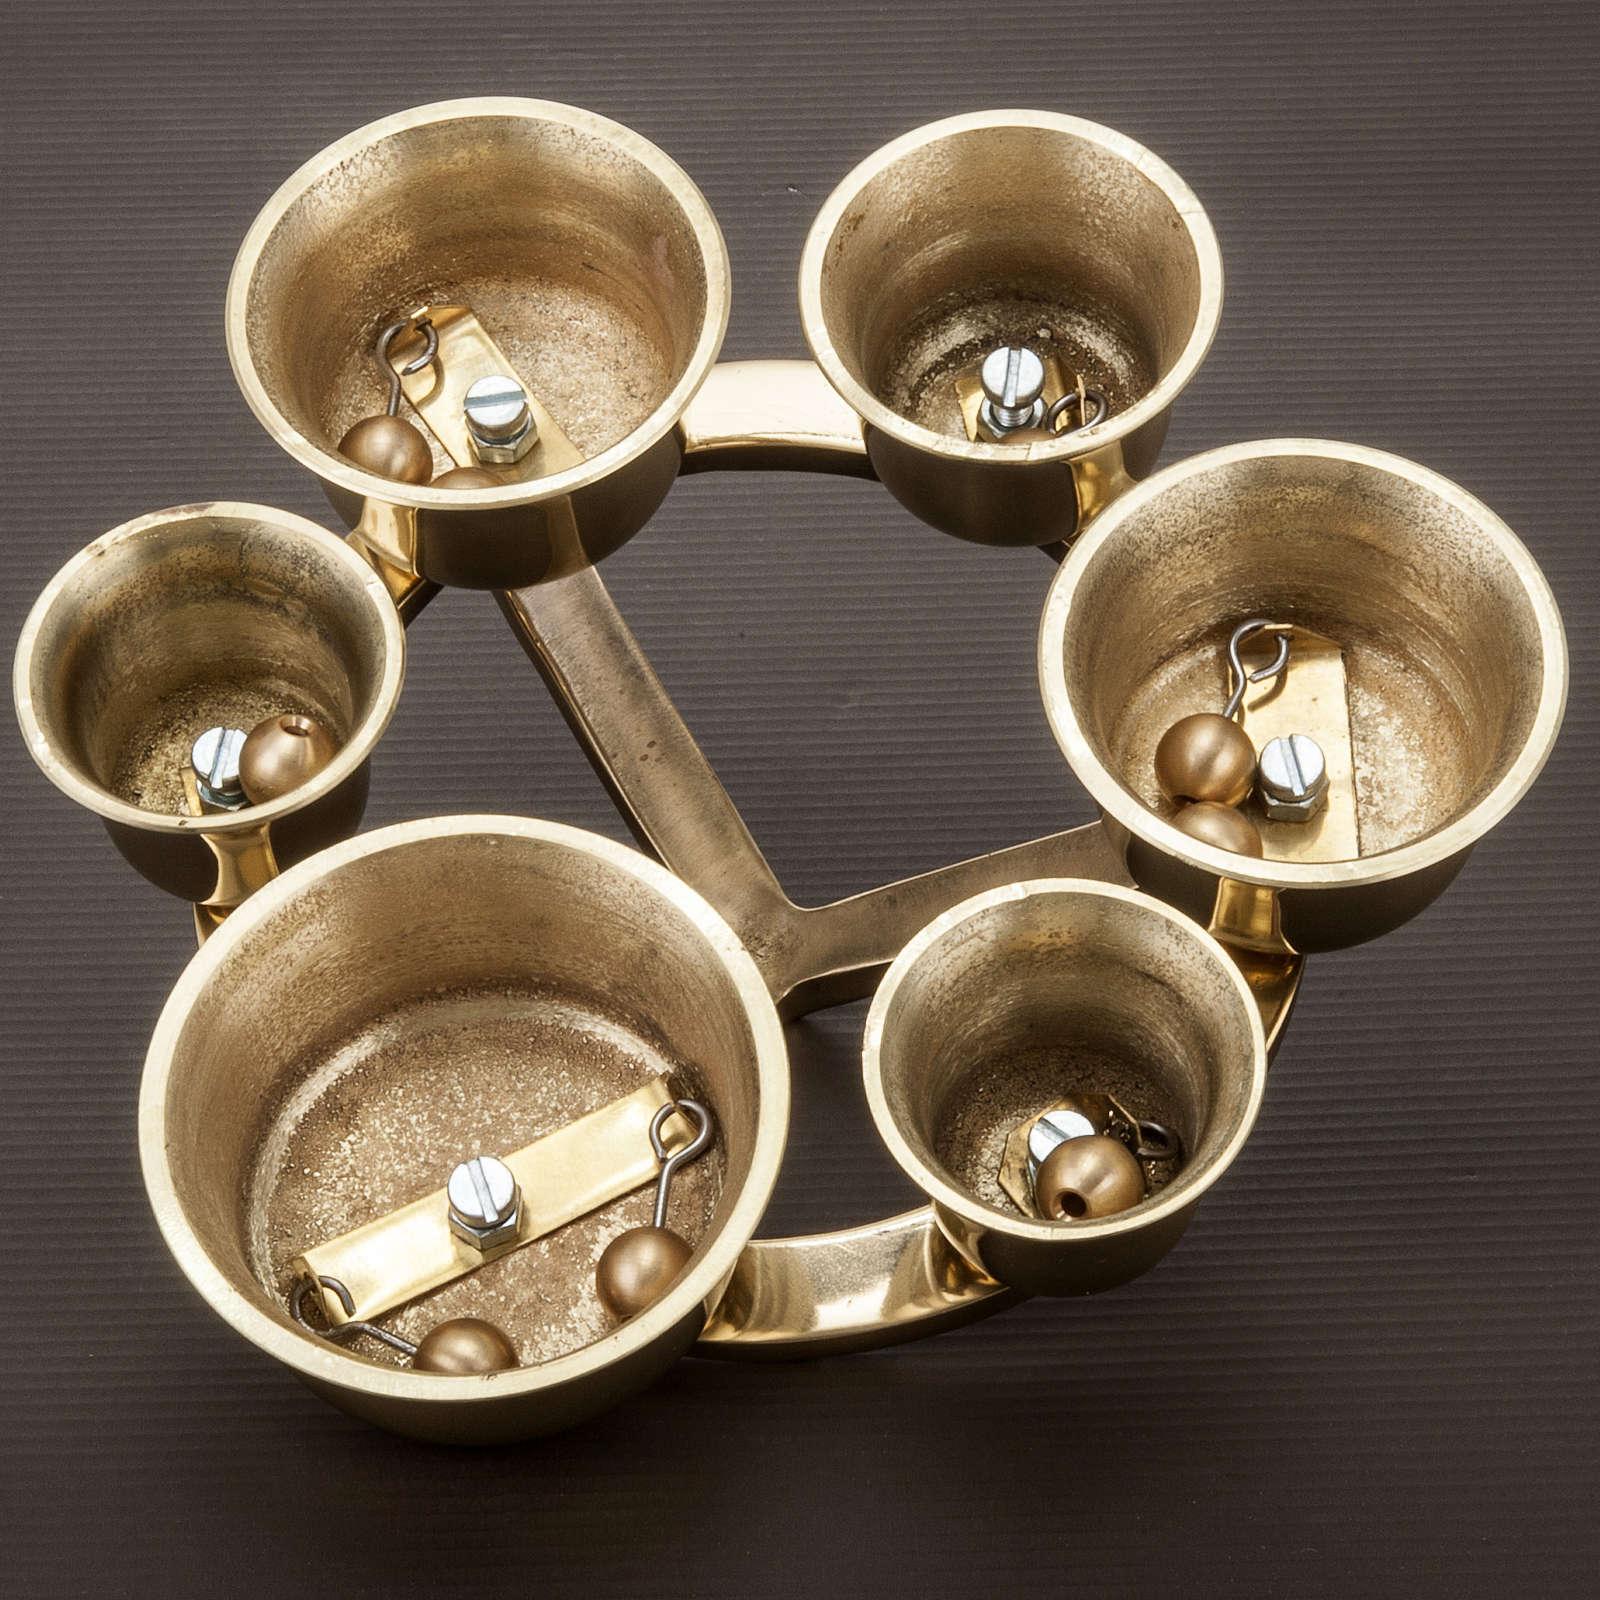 Liturgical bell six sounds 3